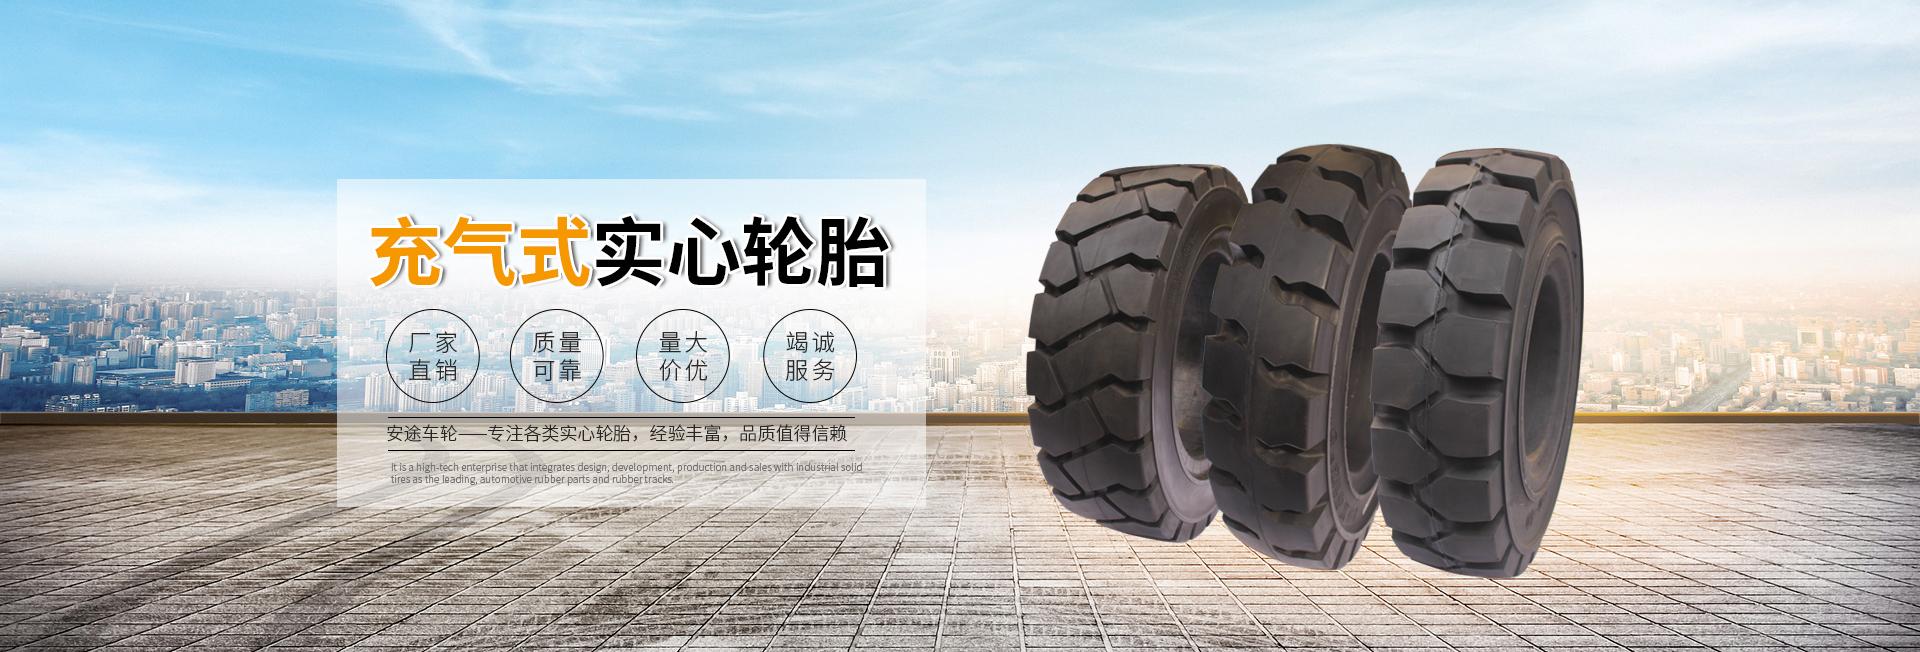 实心橡胶轮胎